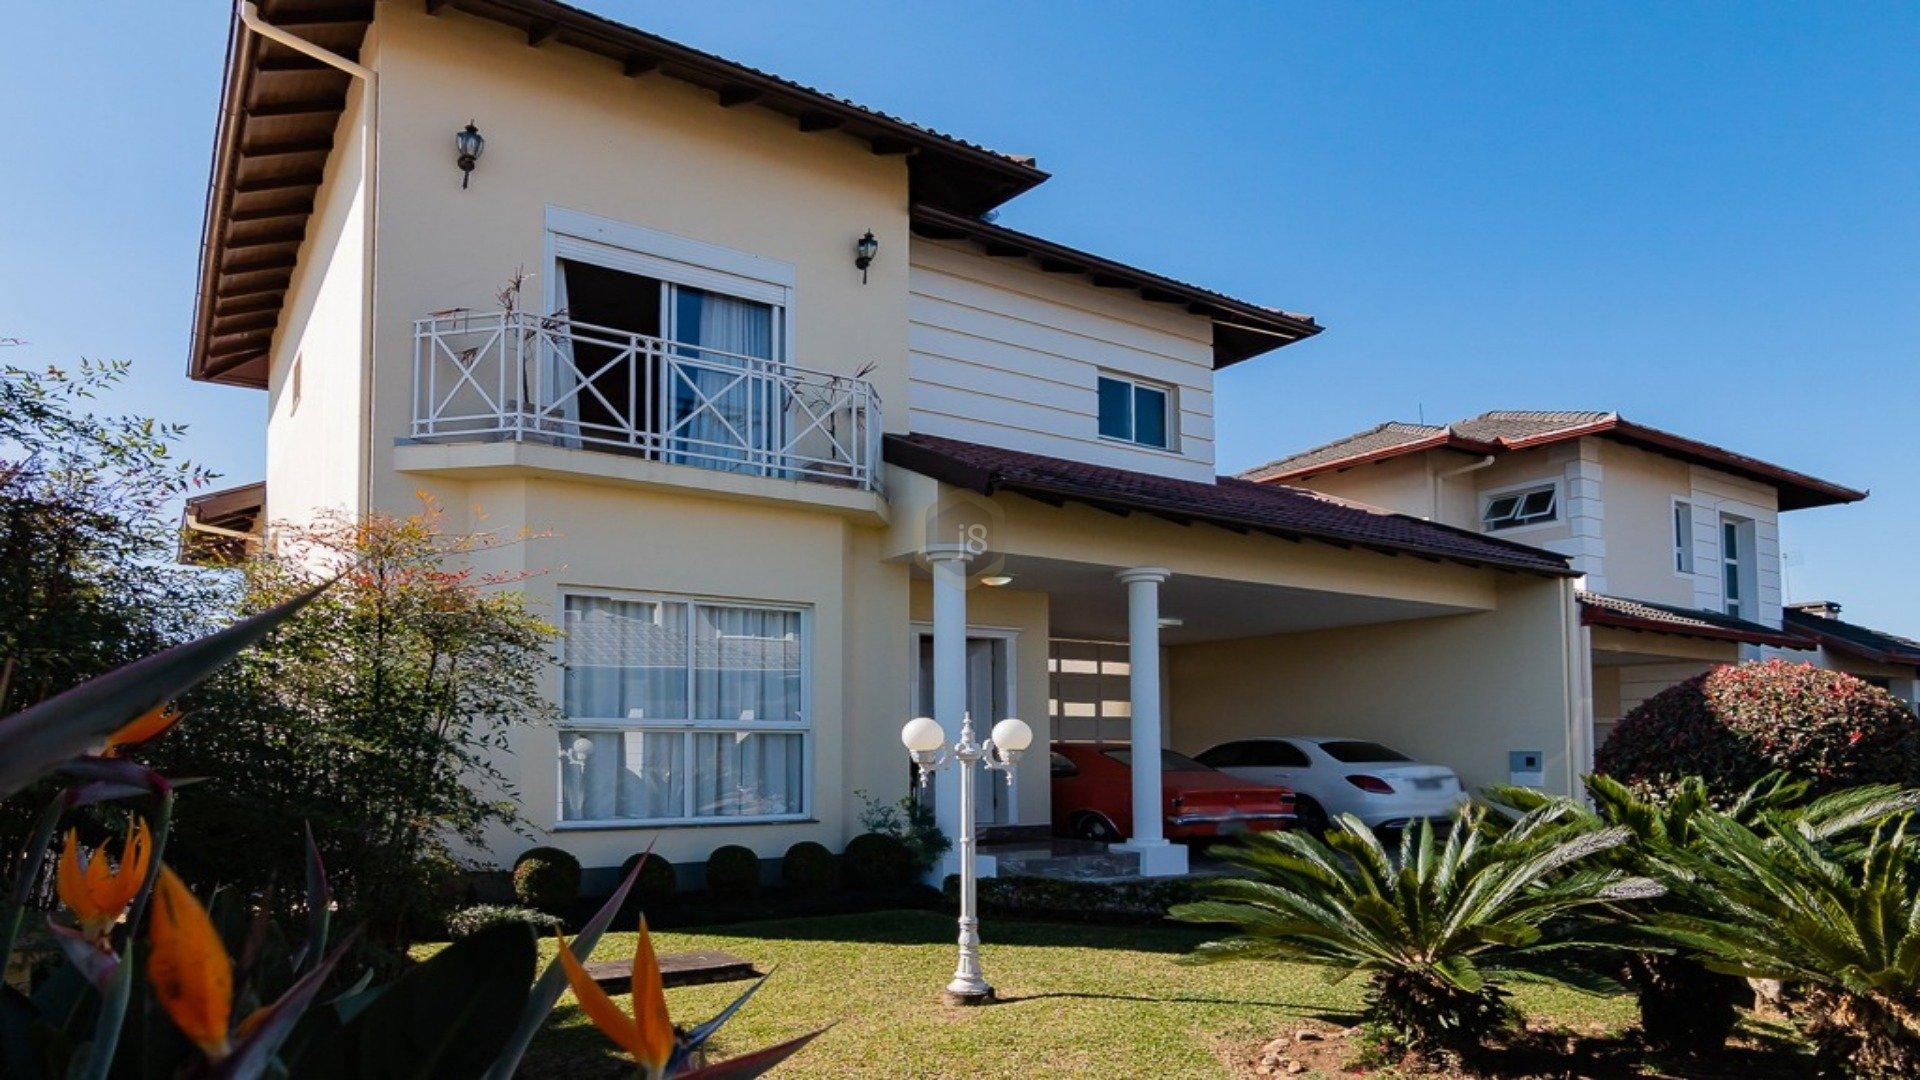 Foto de destaque Casa com 3 suítes em condomínio fechado em santa felicidade !